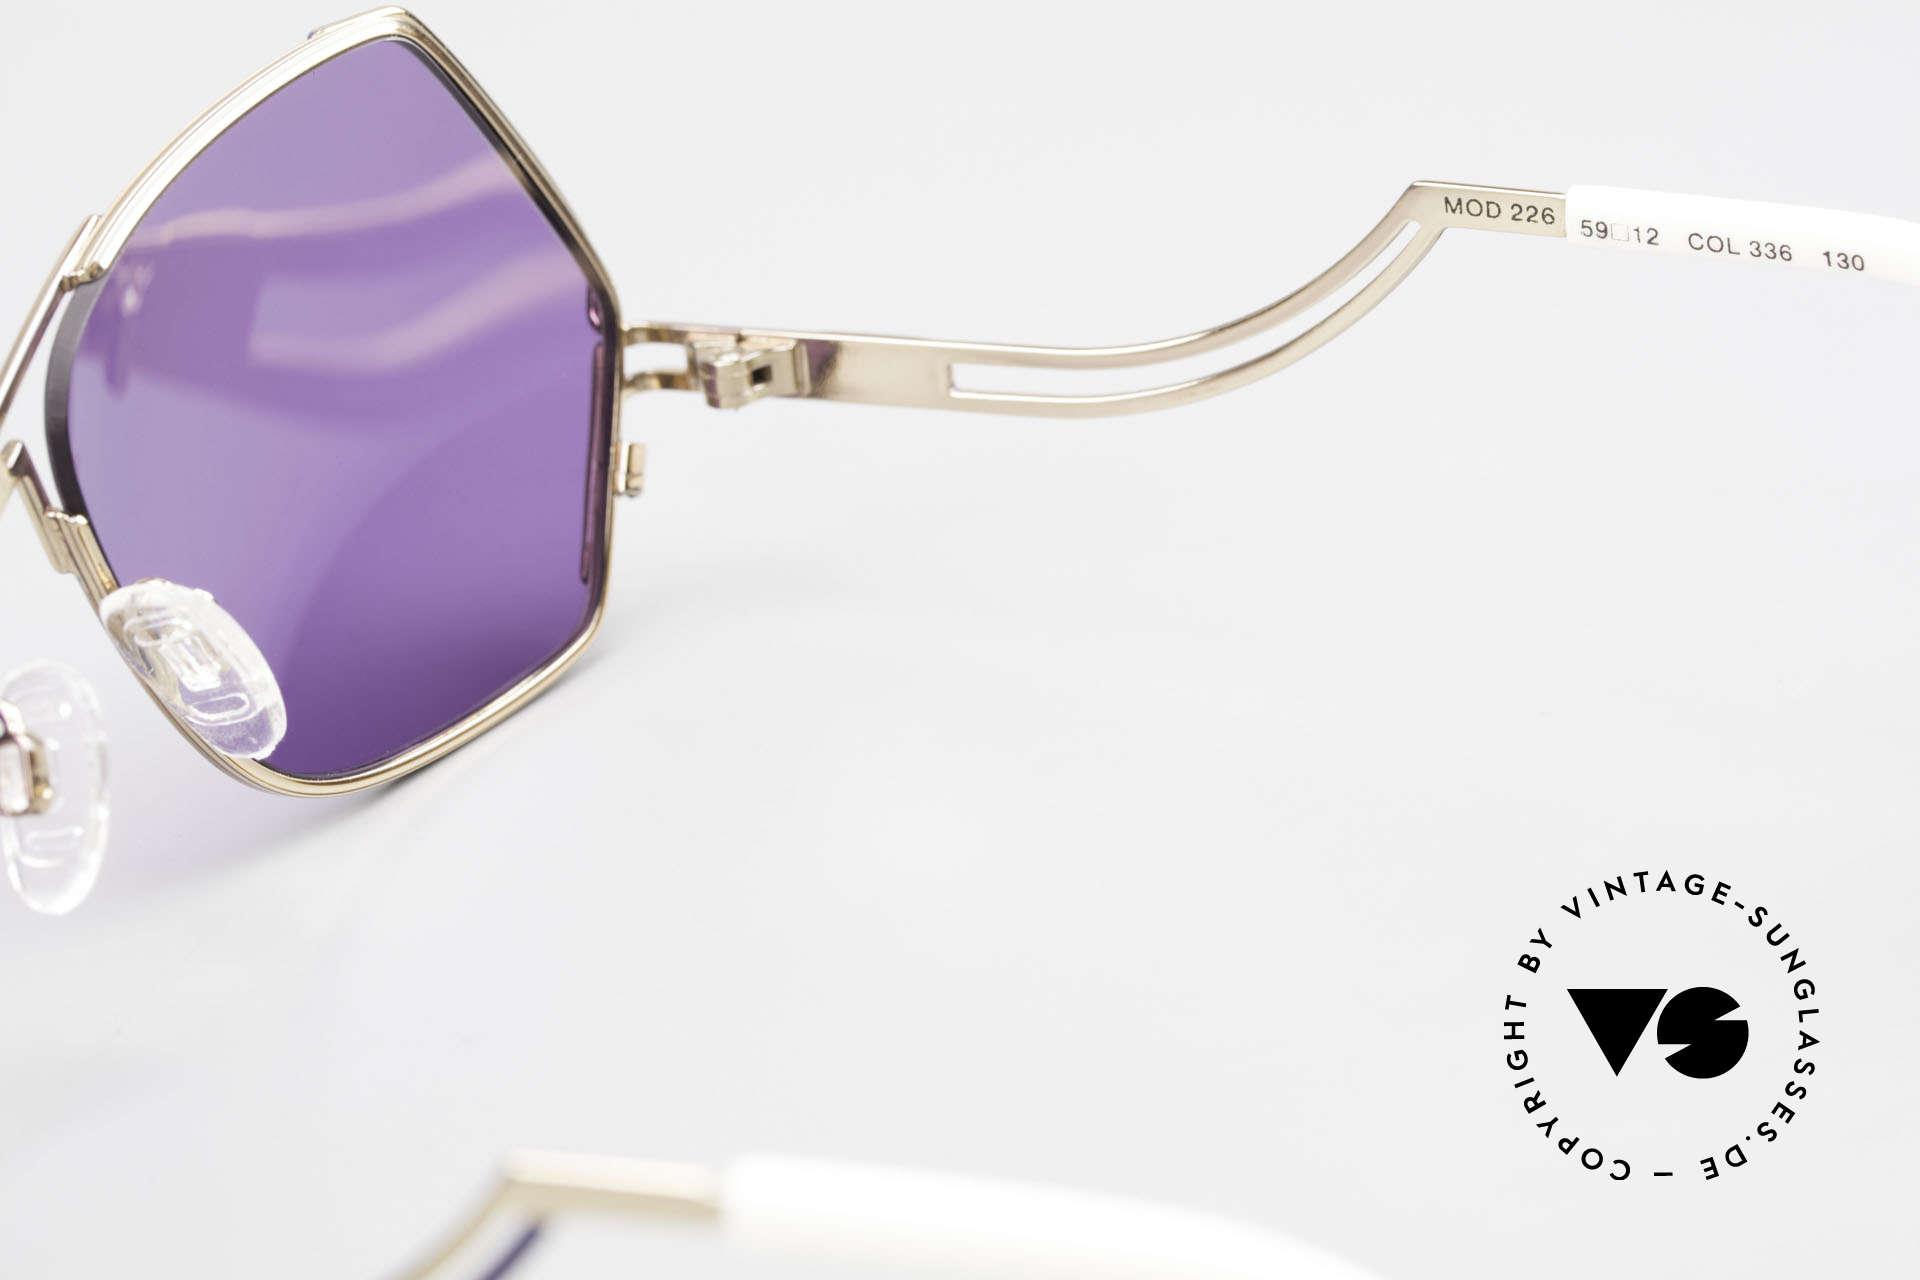 Cazal 226 Vintage Sonnenbrille Damen, Größe: medium, Passend für Damen